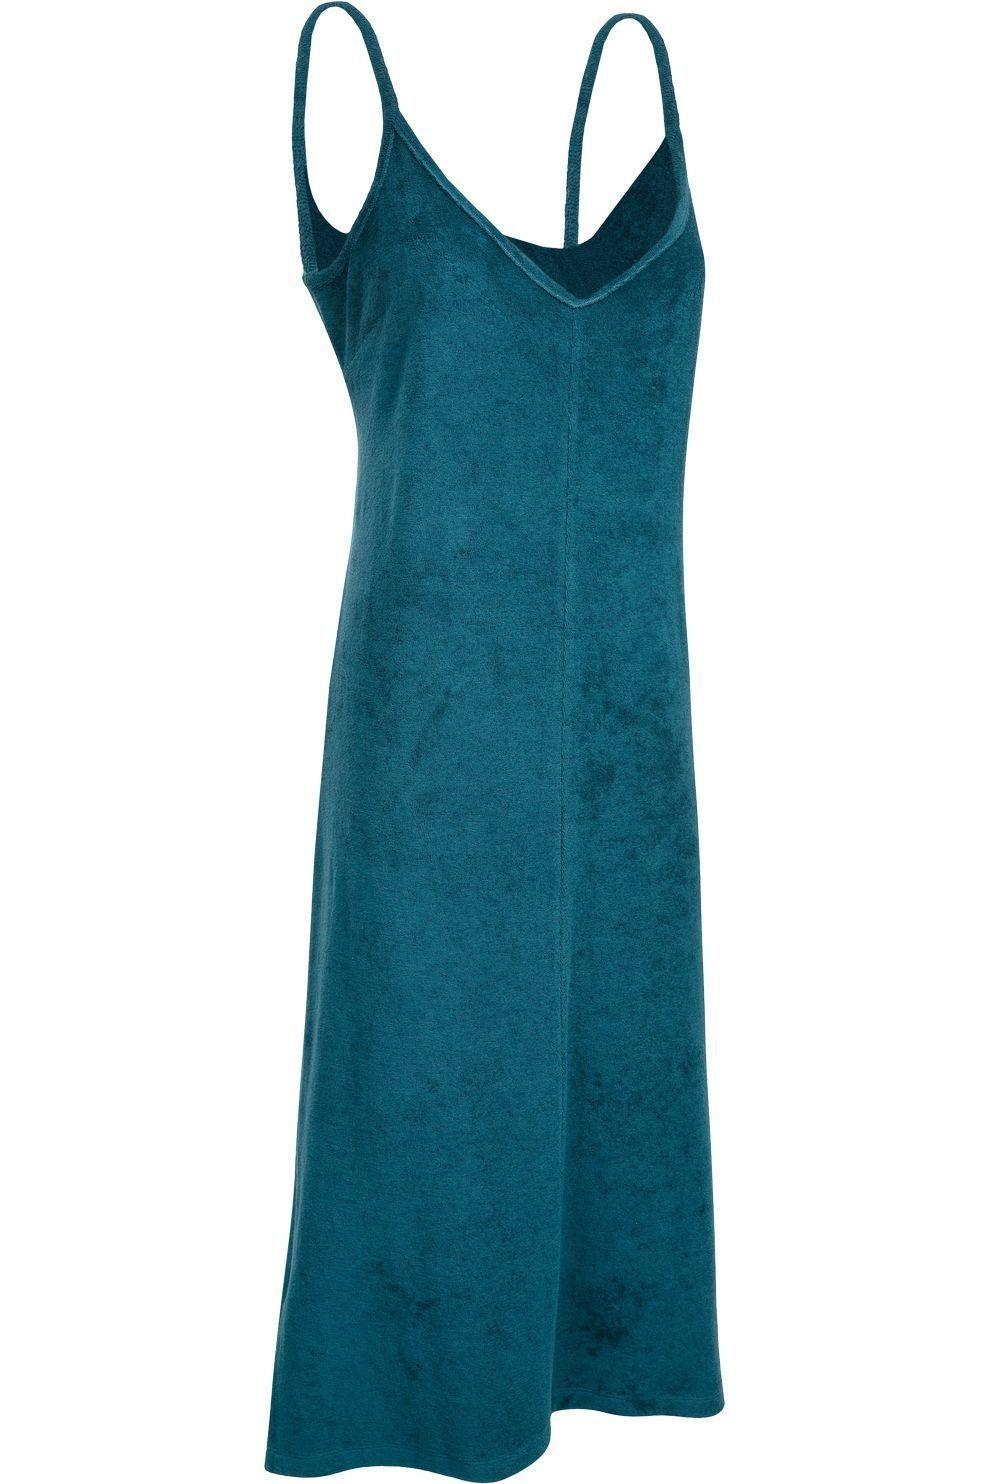 Shiwi Jurk Ladies Terry Slip Dress voor dames - Groen - Maten: 36, 38, 42